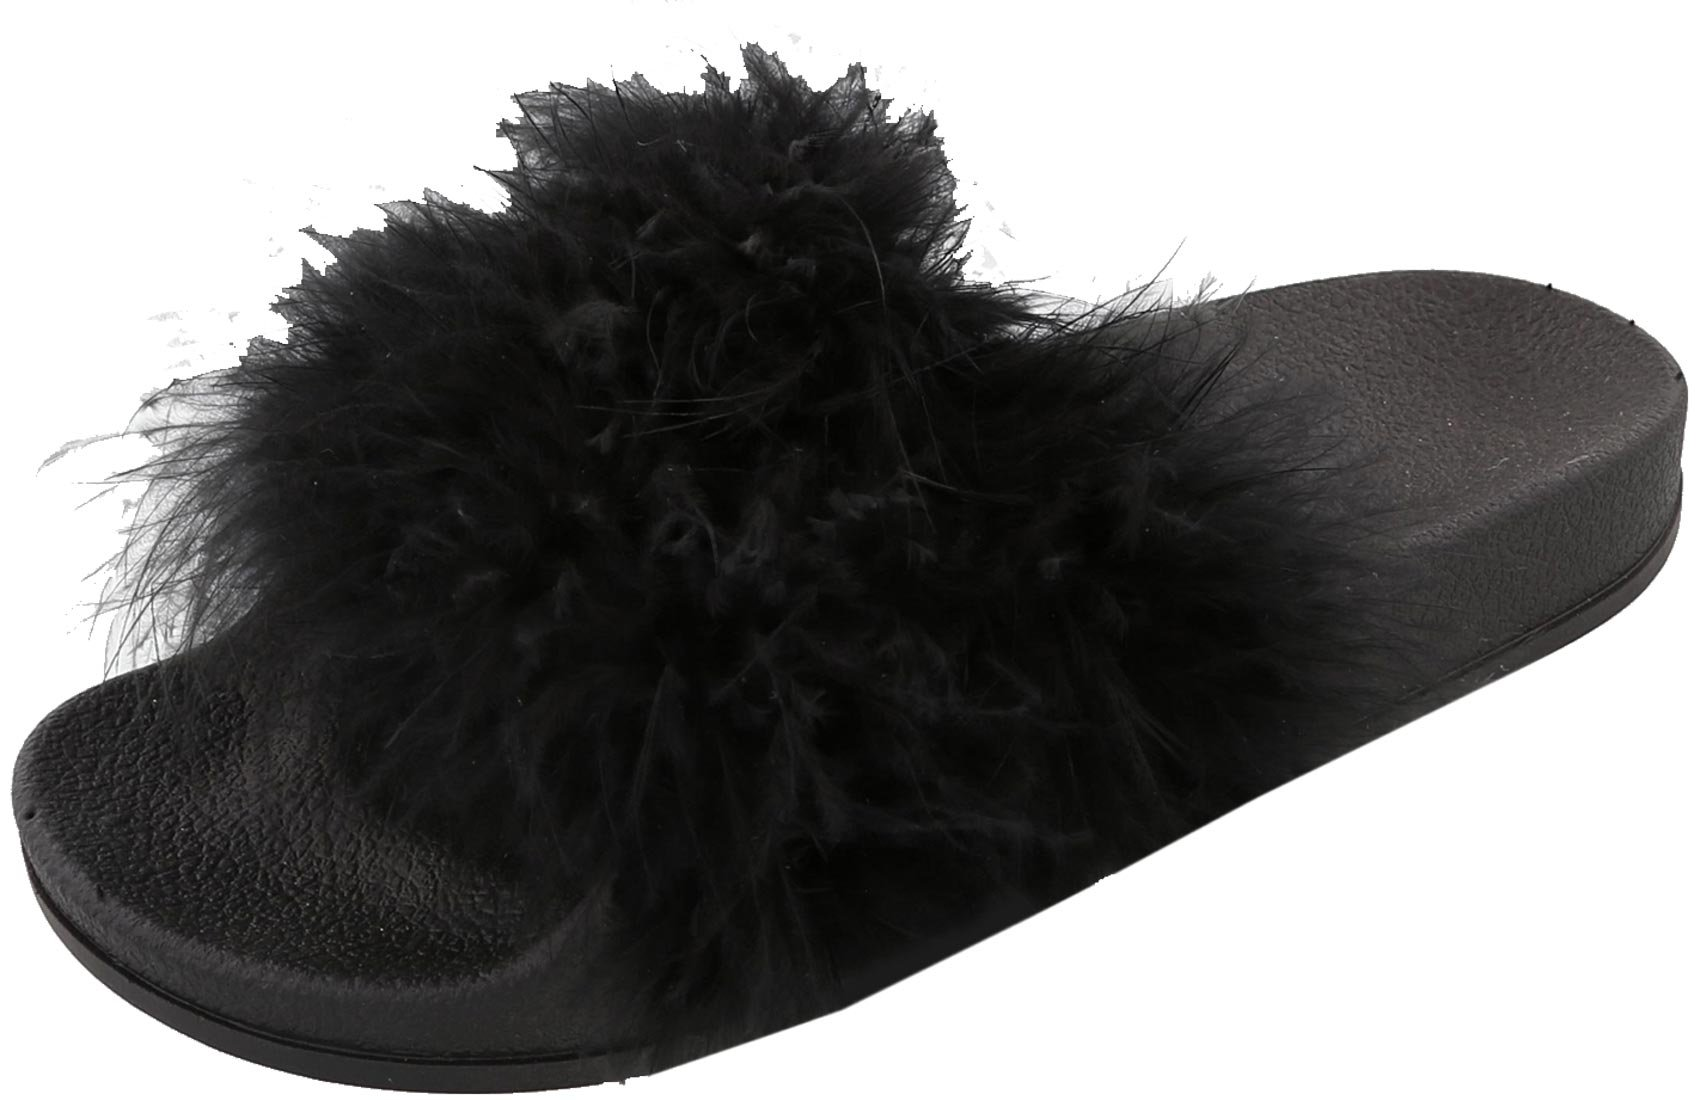 Top Moda Women's Marabou Flip Flop Slip On Slide Slipper Sandal (6 B(M) US, Black) by Top Moda